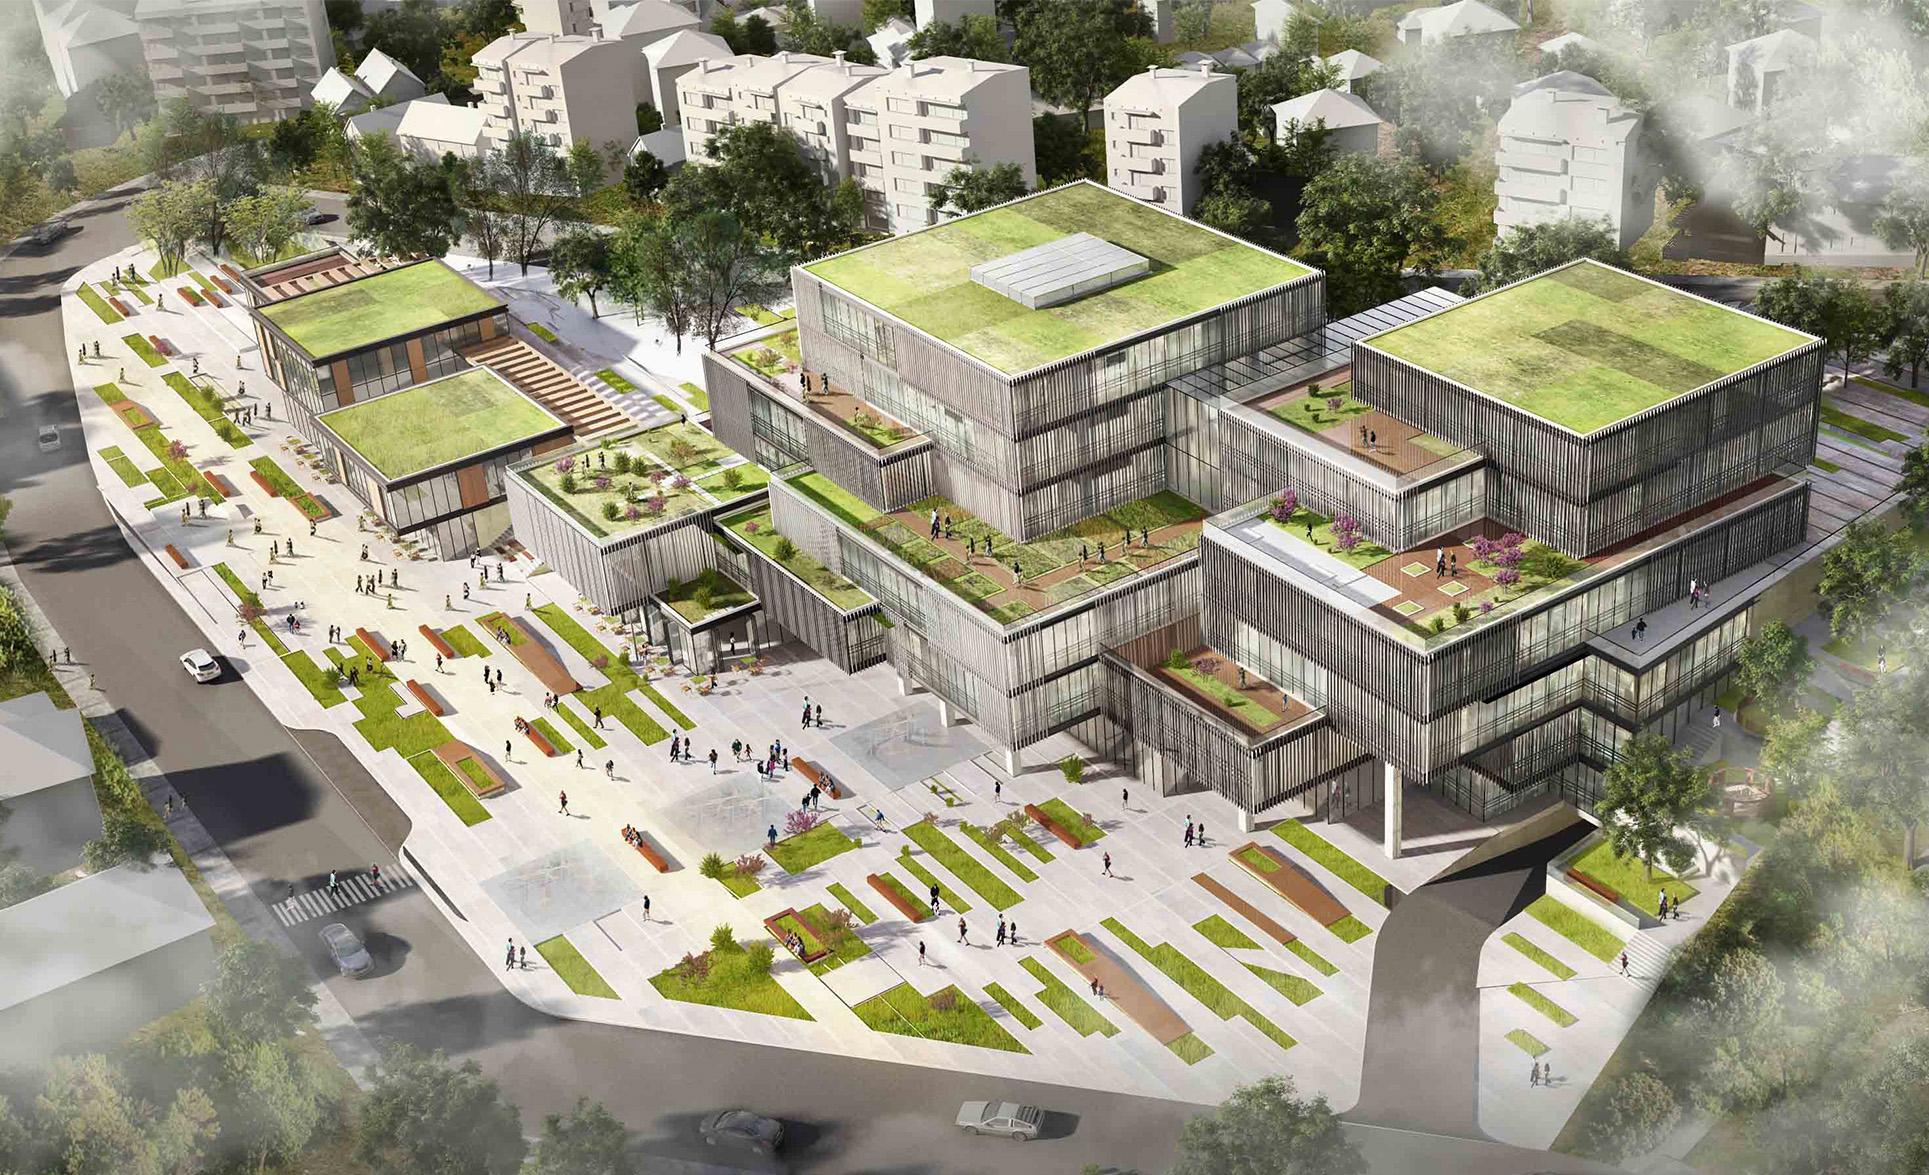 dodofis mimarlık süleymanpaşa belediye binası 06